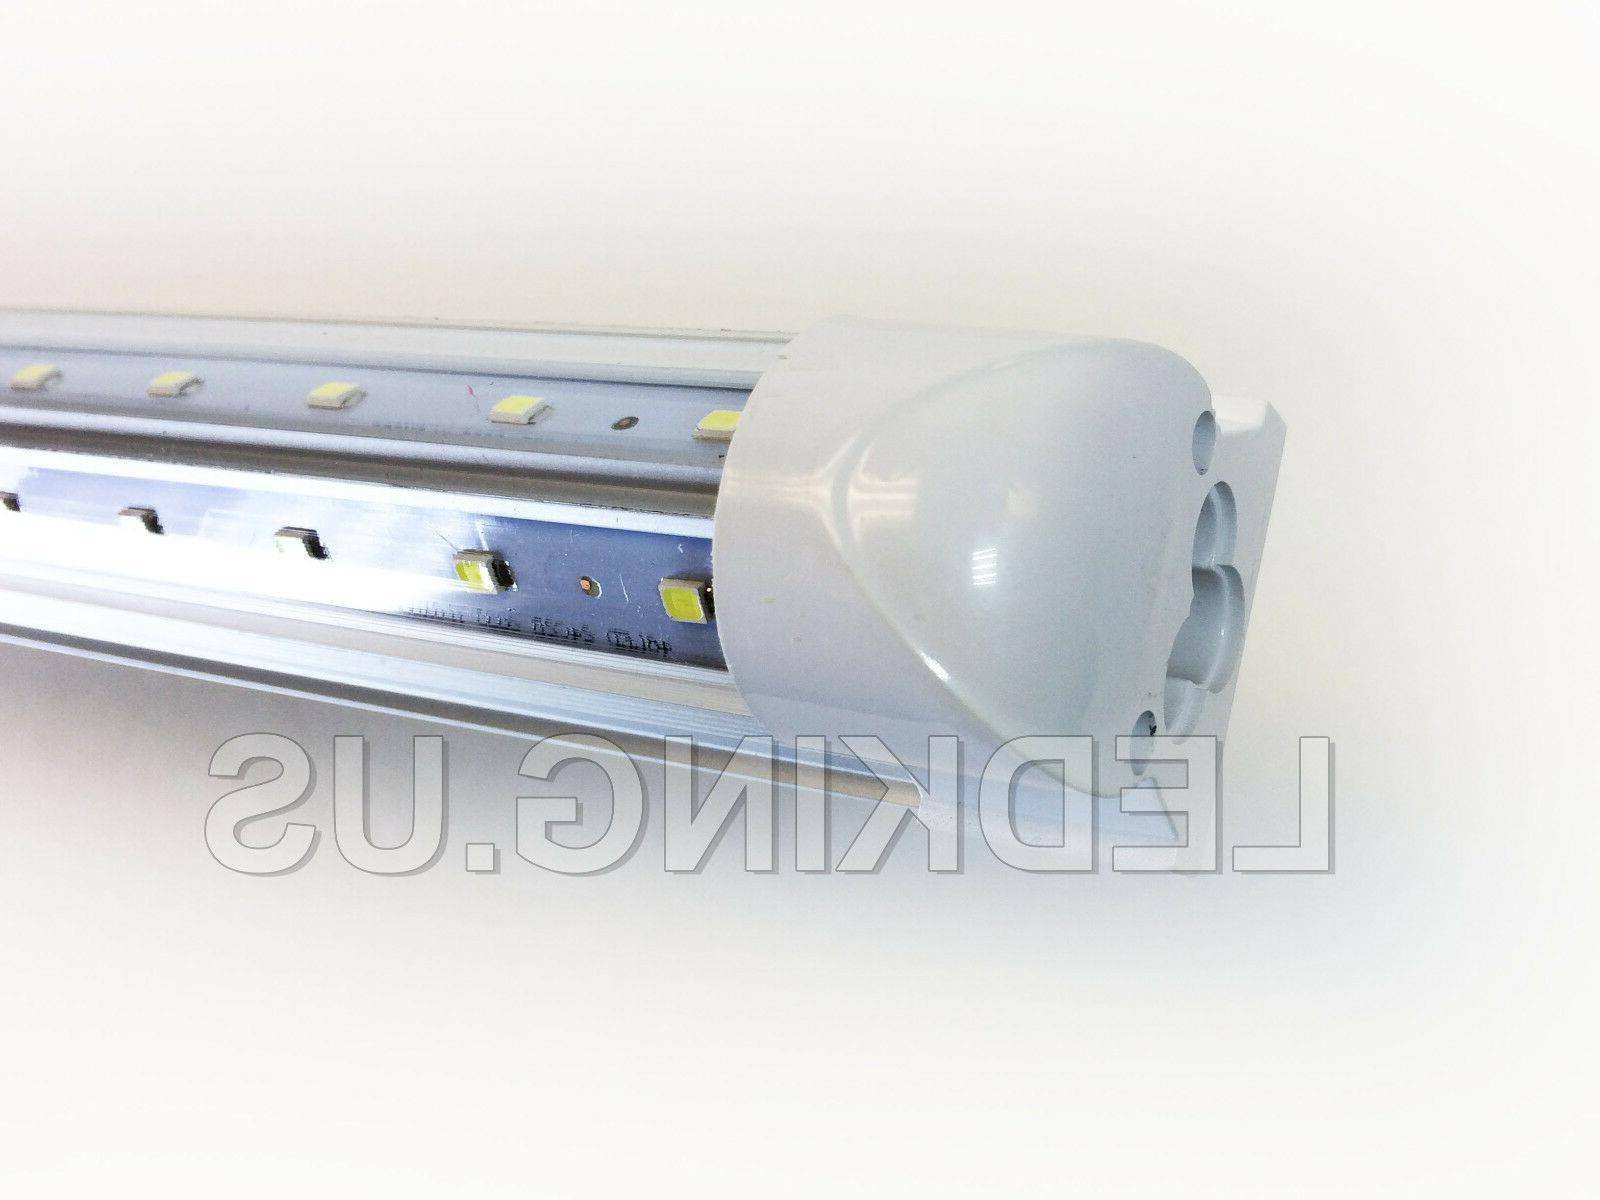 Integrated 6500K Clear COOLER/ FREEZER LED